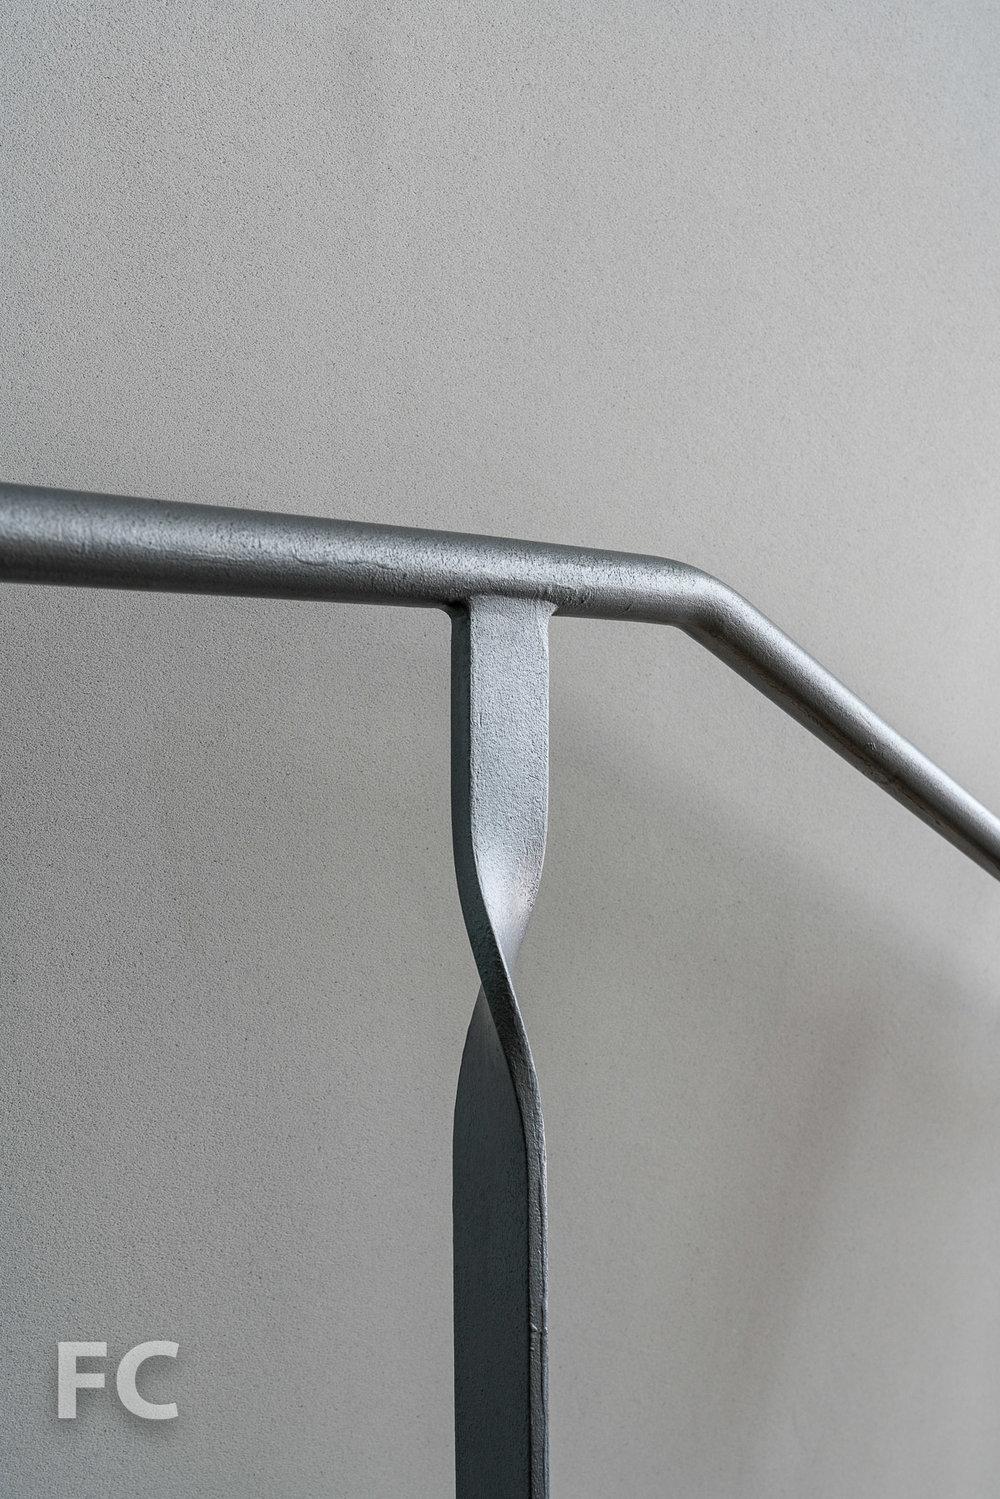 Stair railing detail.